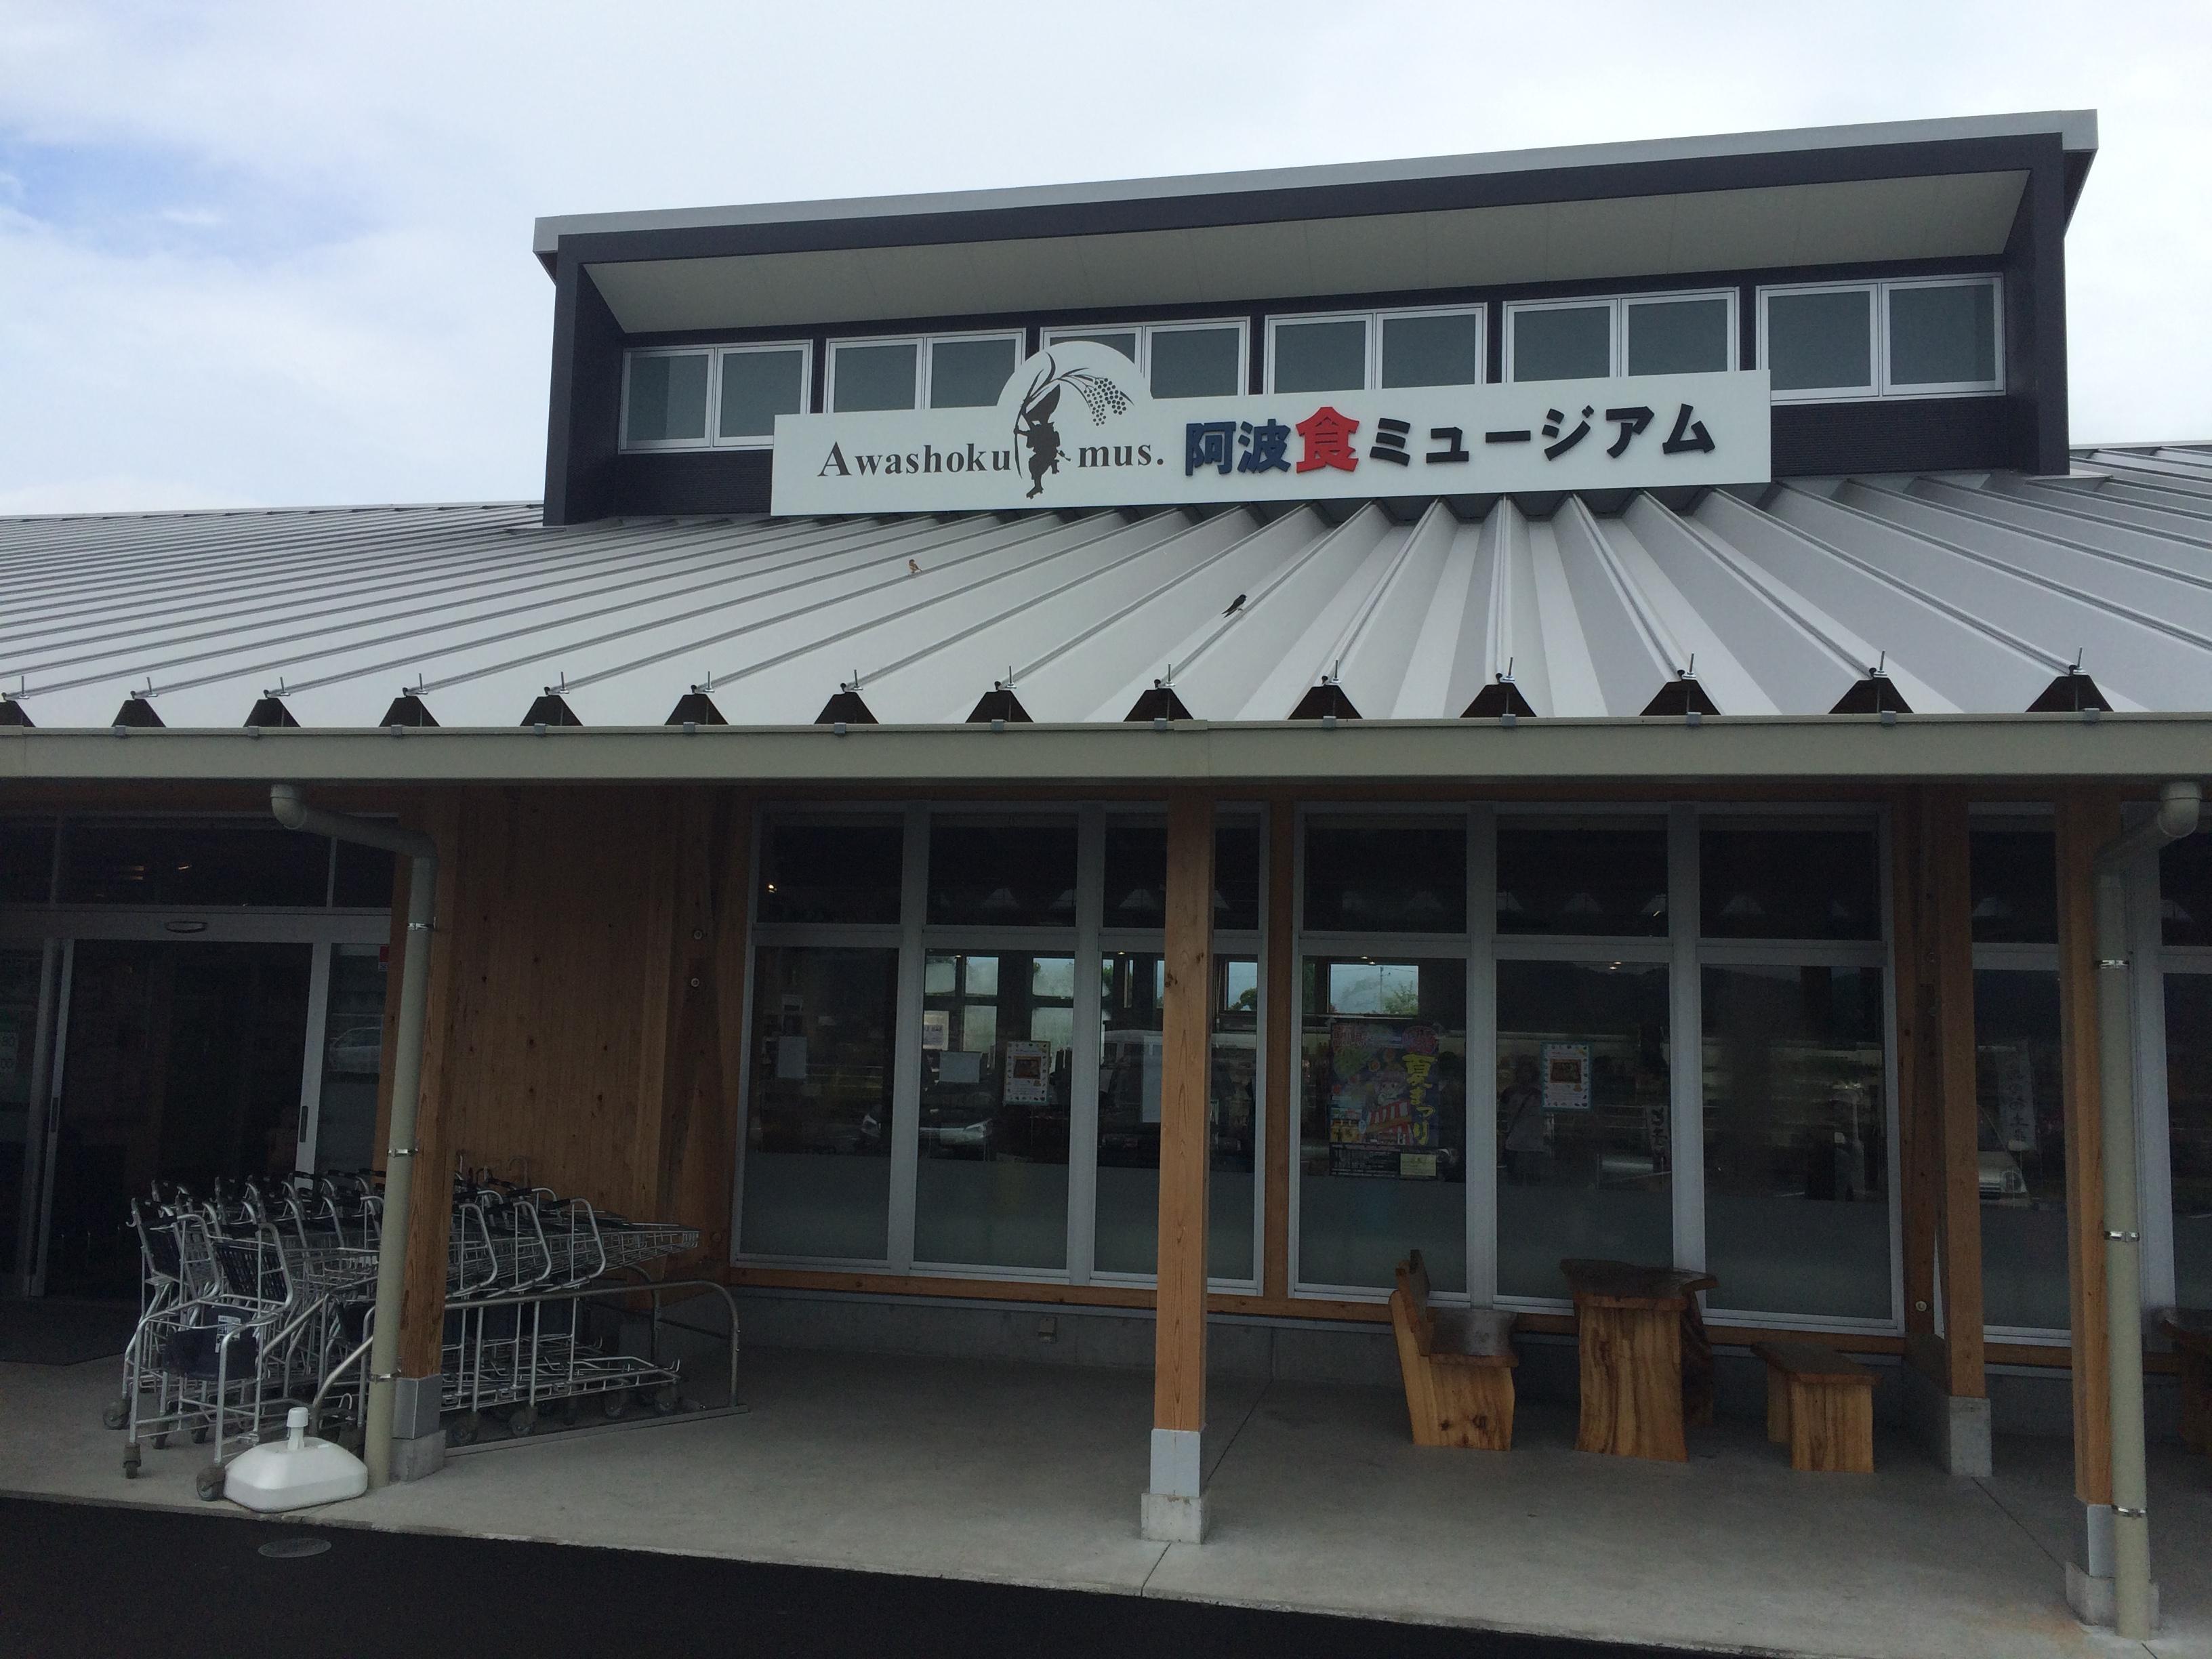 徳島にある人気店 阿波食ミュージアムのイメージ